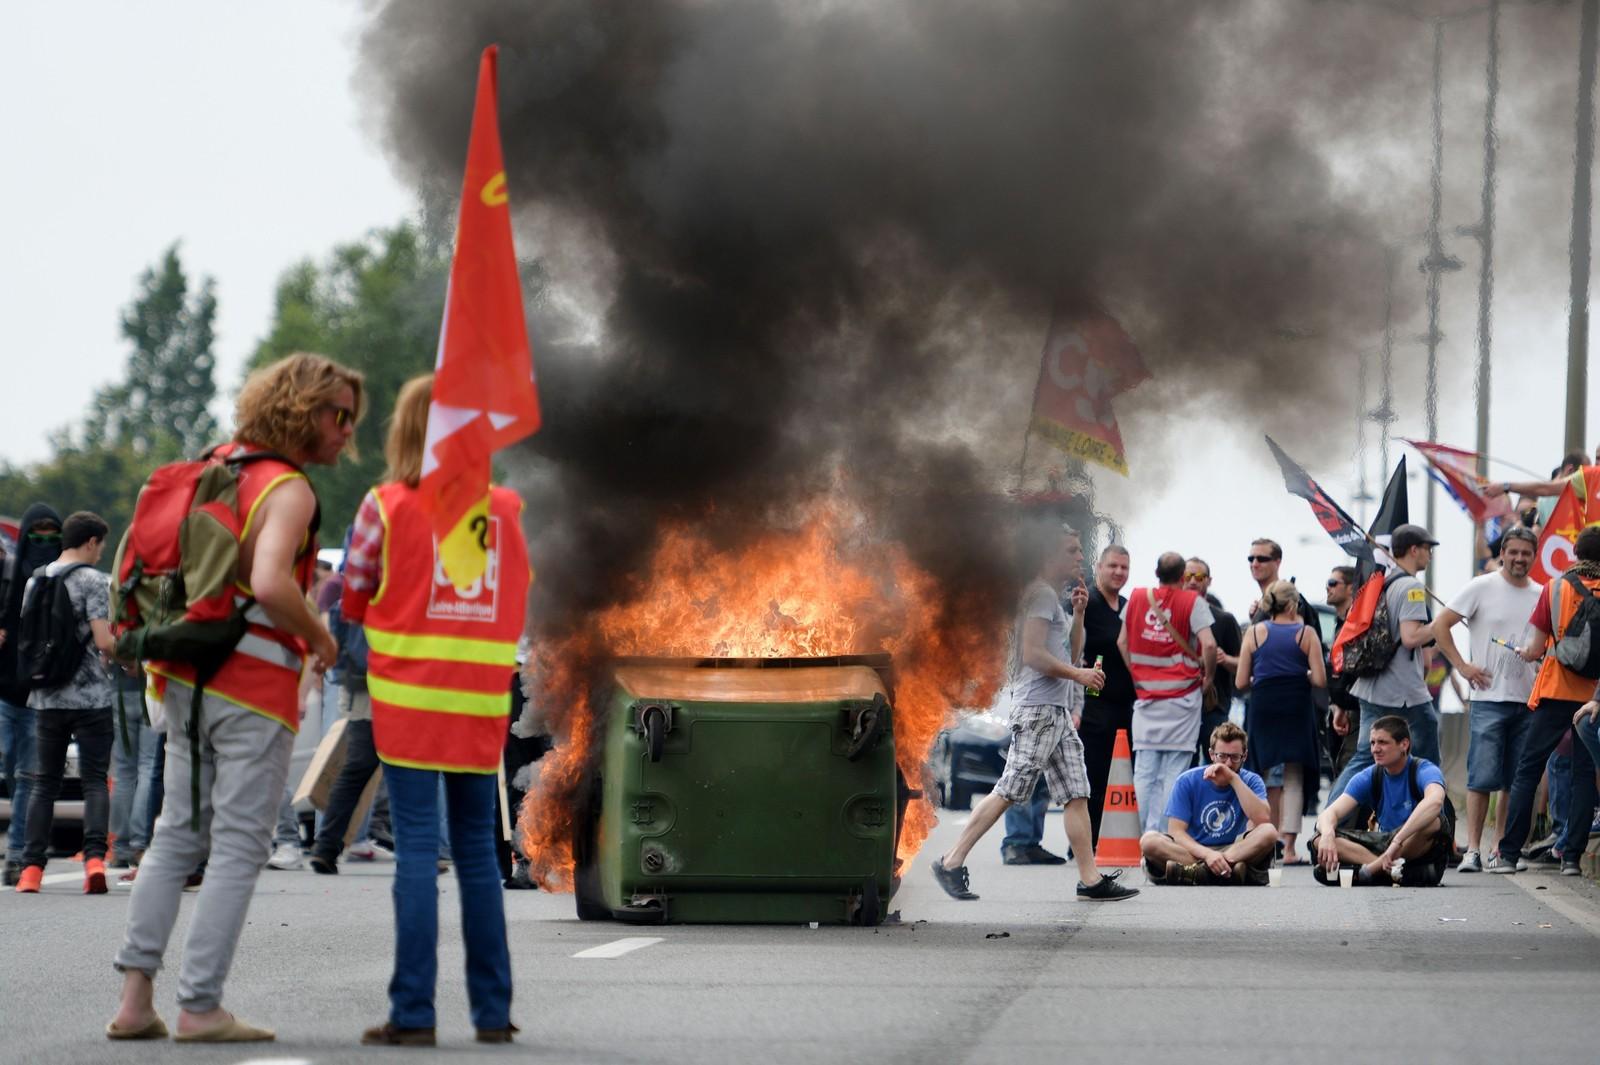 Folk har satt fyr på søppeldunker og bildekk under en demonstrasjon i Nantes i Frankrike. Protestene mot den nye arbeidsloven franske myndigheter vil innføre har vart i to måneder, og fortsetter over hele landet.